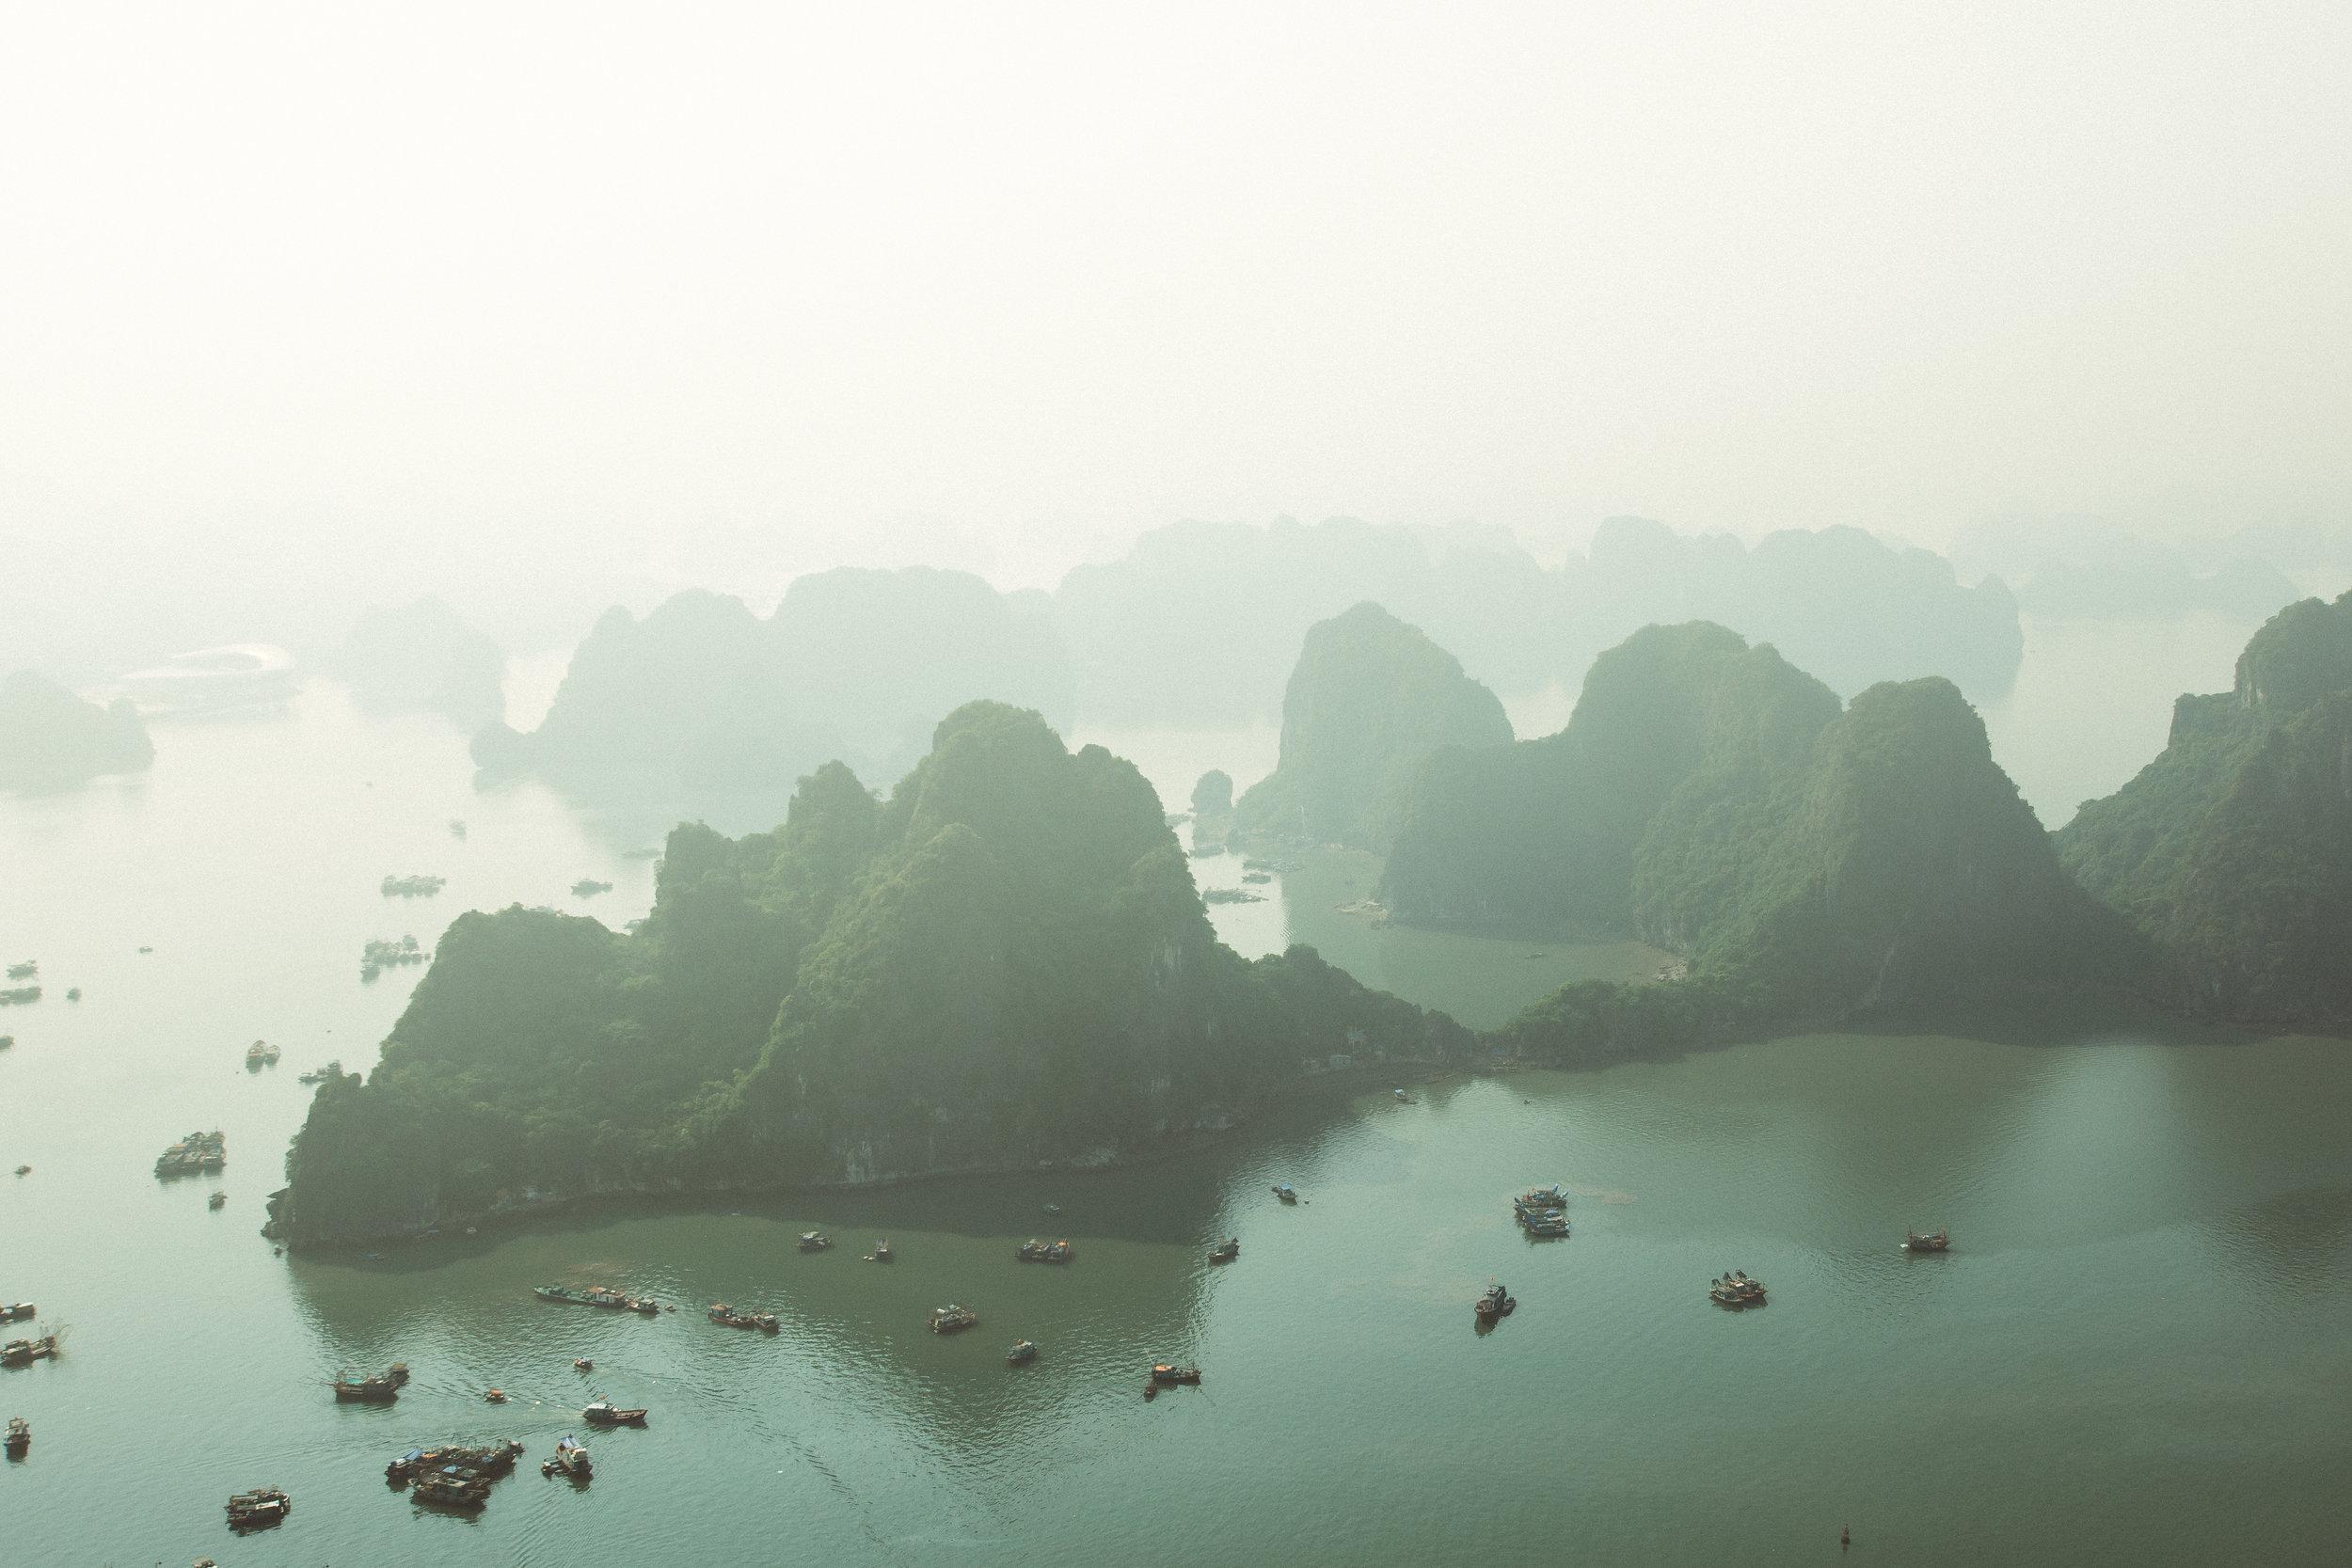 @sukrits_25 - Ha Long Bay, Vietnam